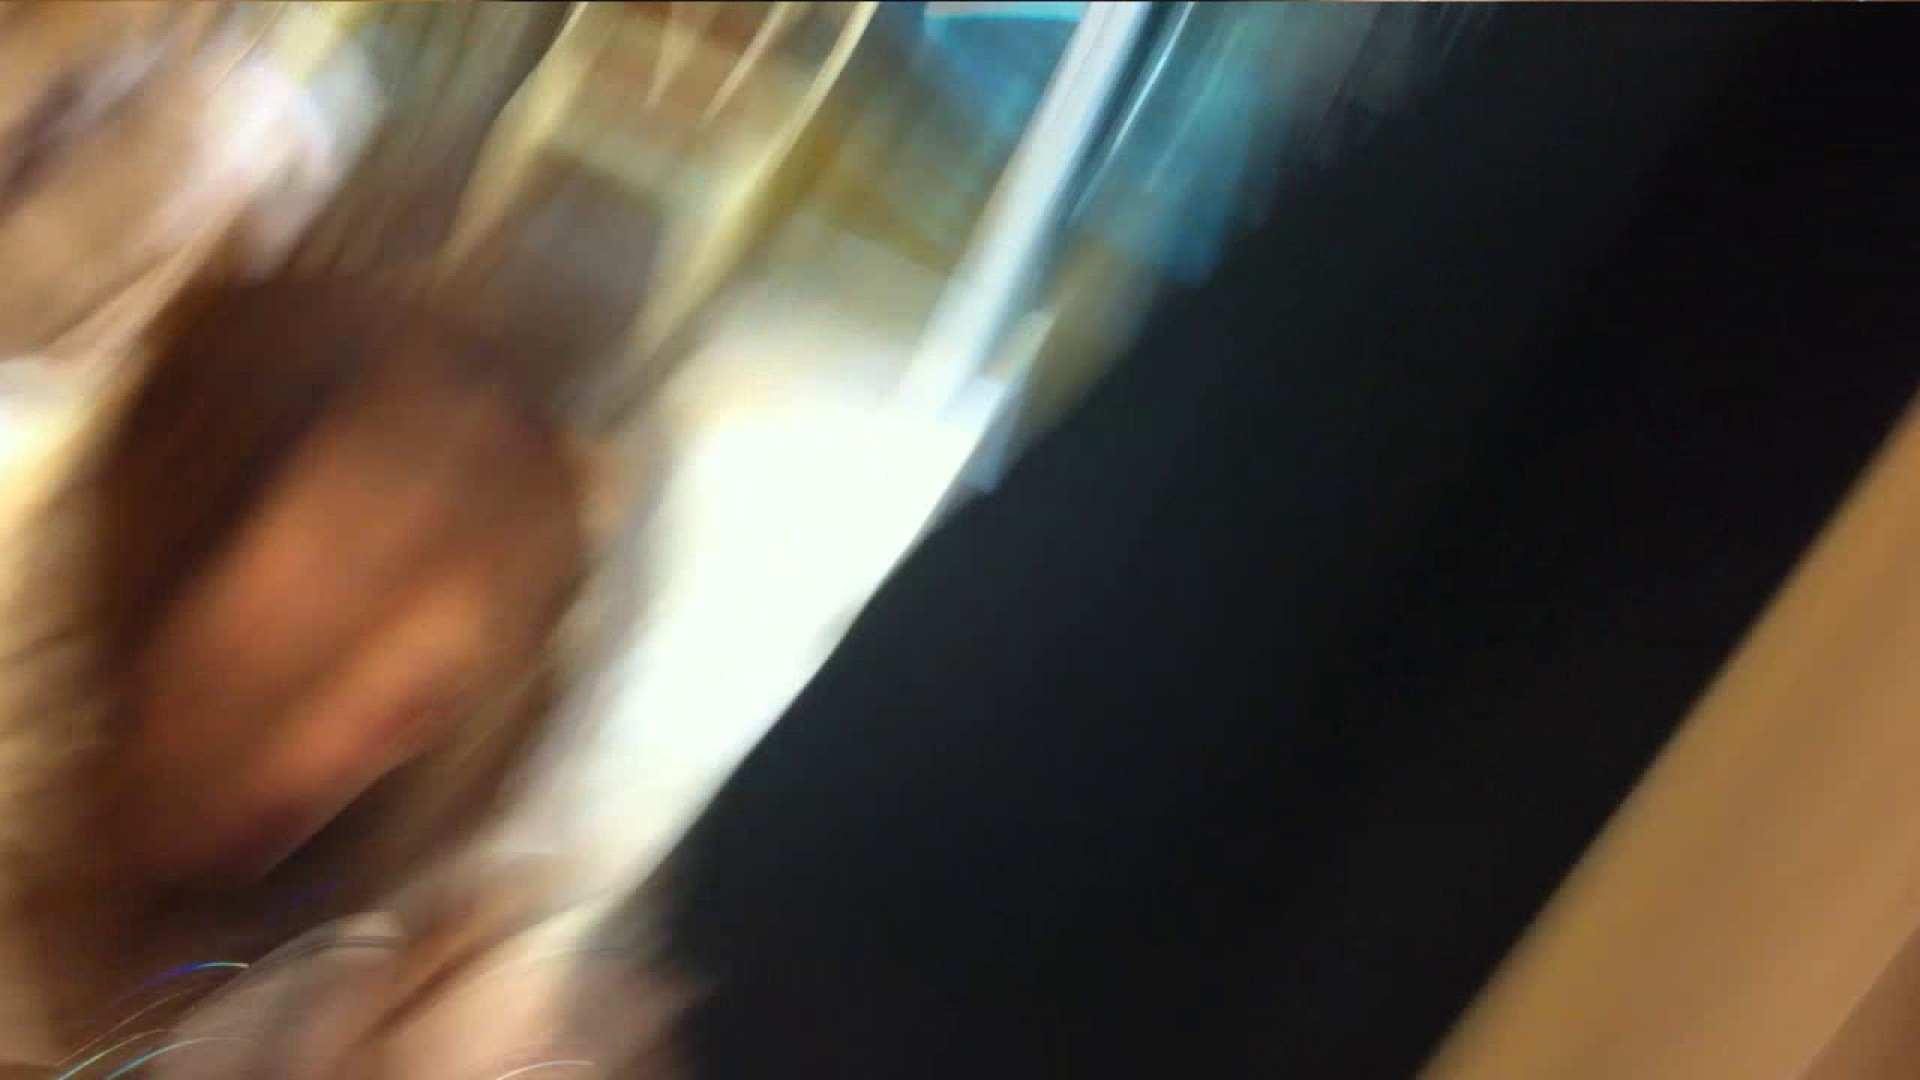 vol.40 美人アパレル胸チラ&パンチラ もっこりパンチラ! おまんこ無修正 おまんこ無修正動画無料 91画像 27